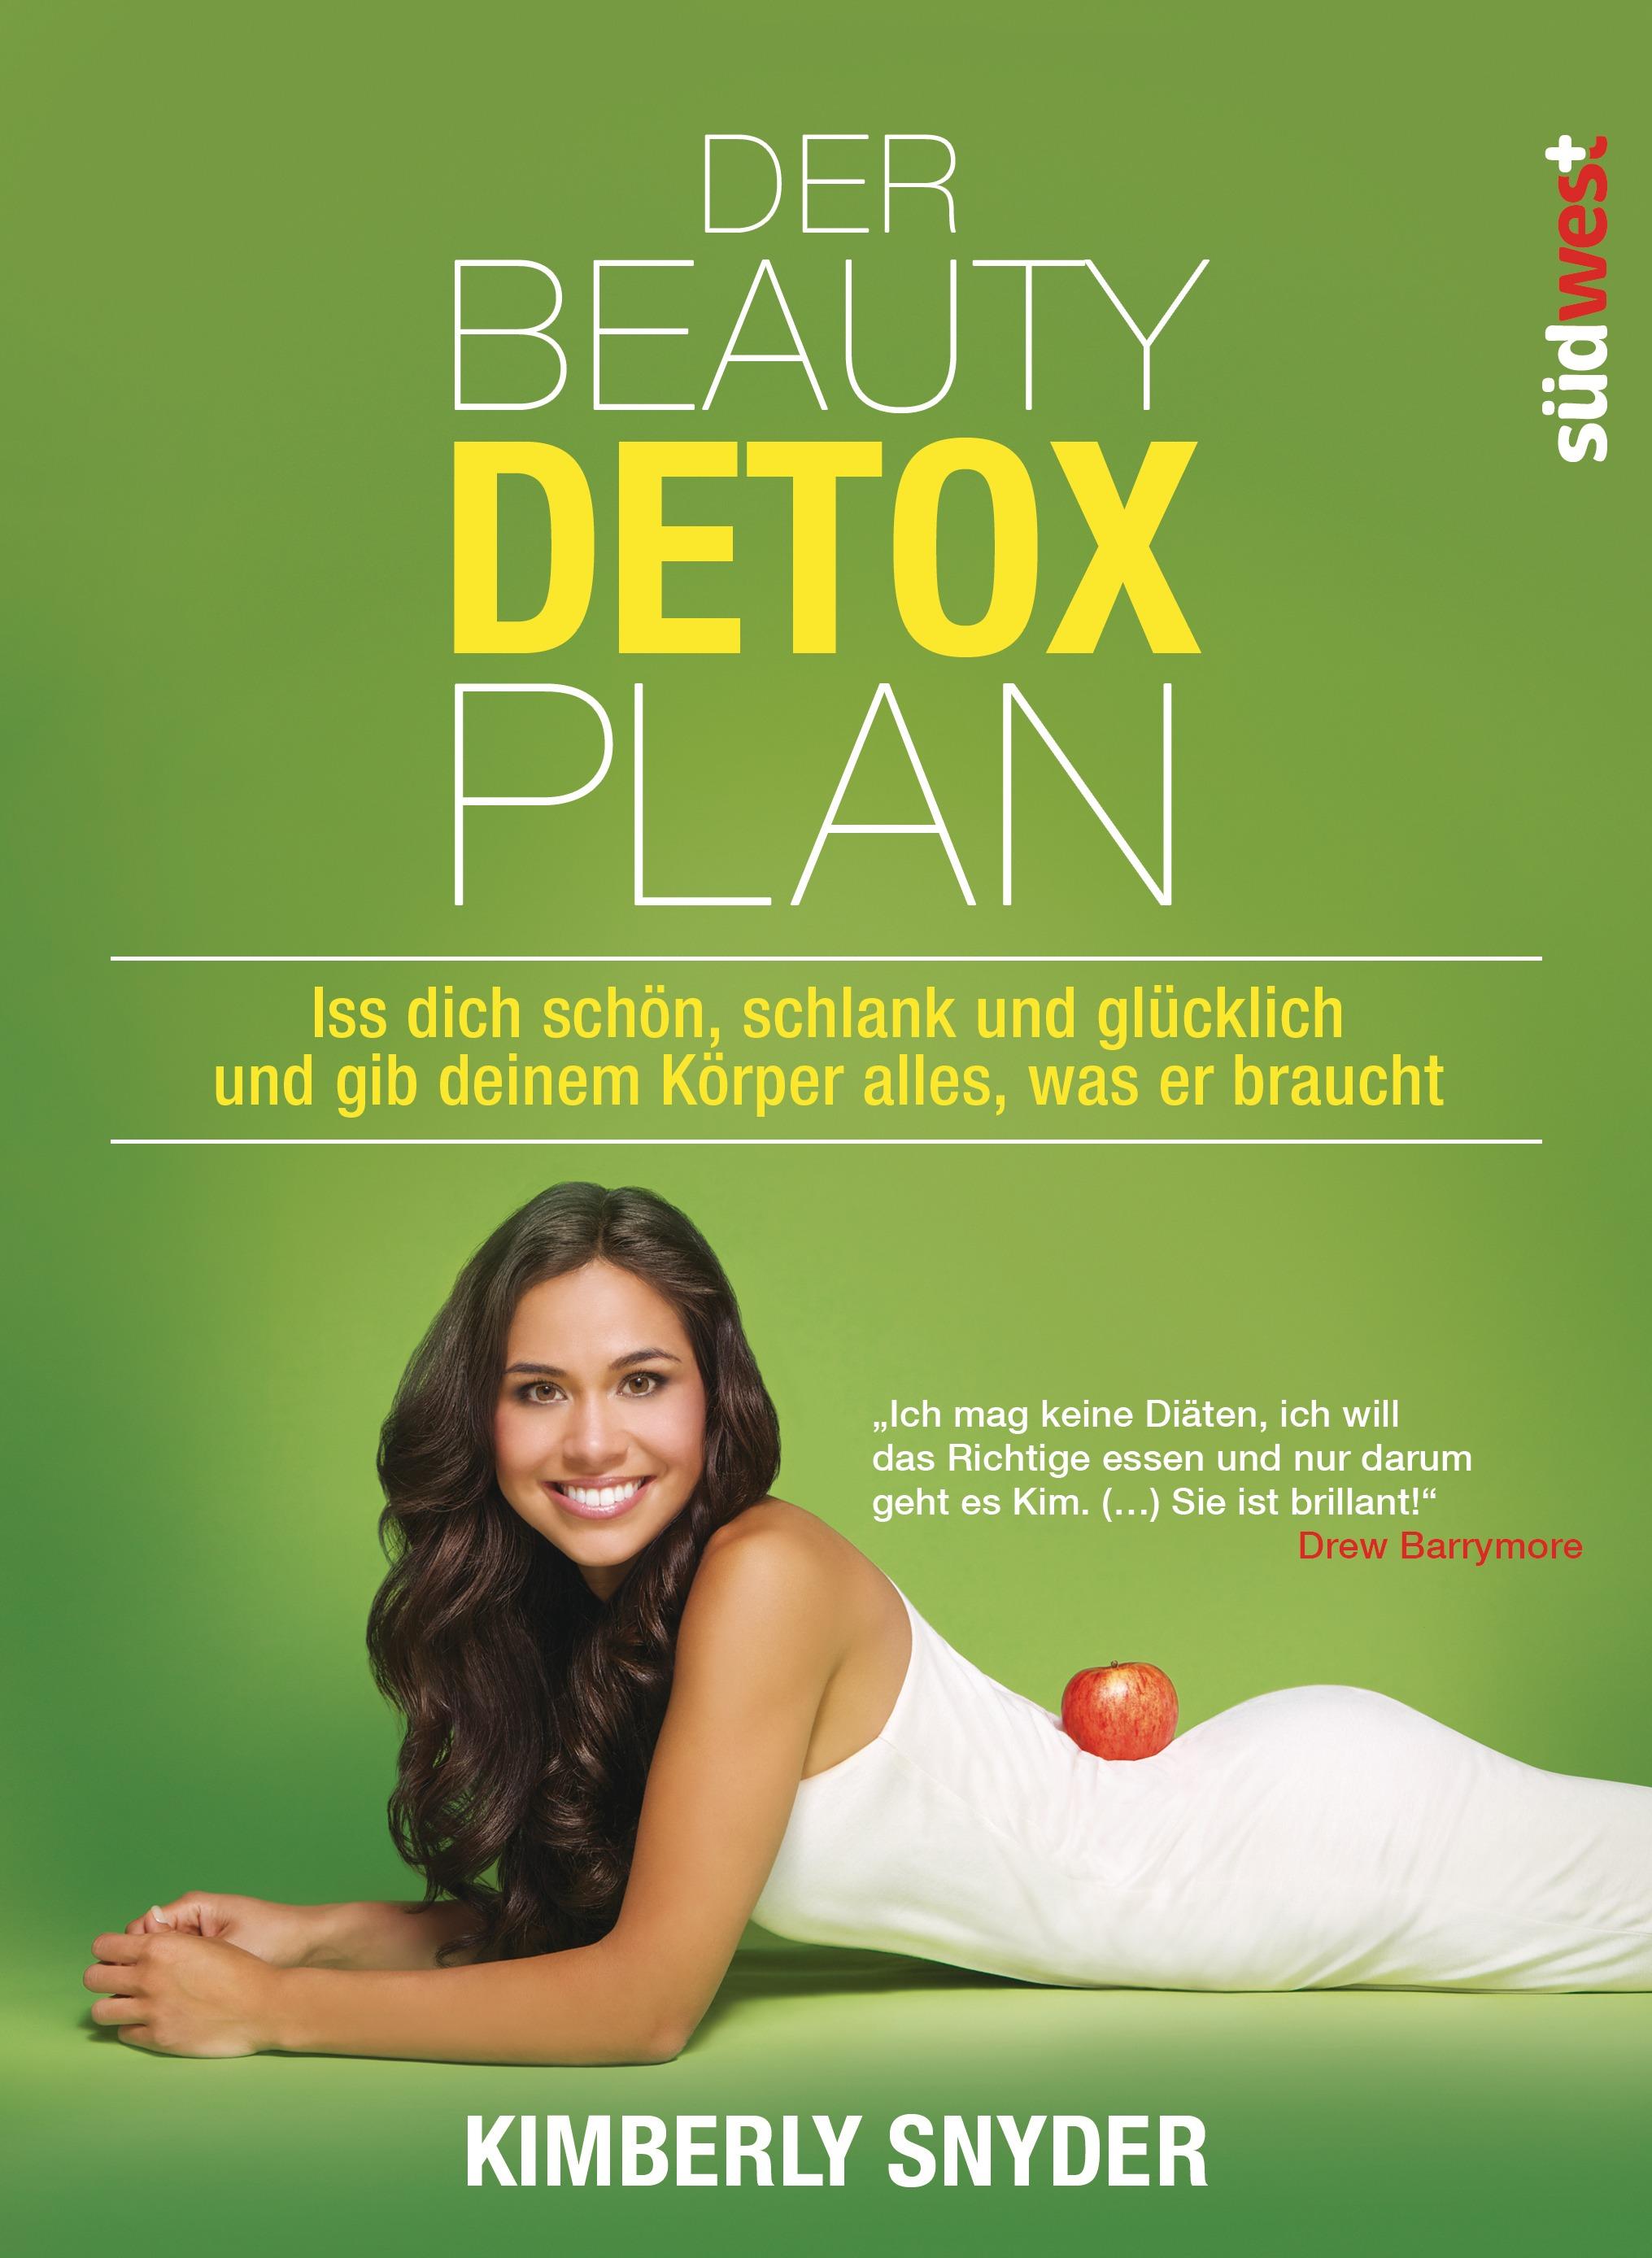 Der Beauty Detox Plan: Iss dich schön, schlank und glücklich und gib deinem Körper alles, was er braucht - Snyder, Kimbe